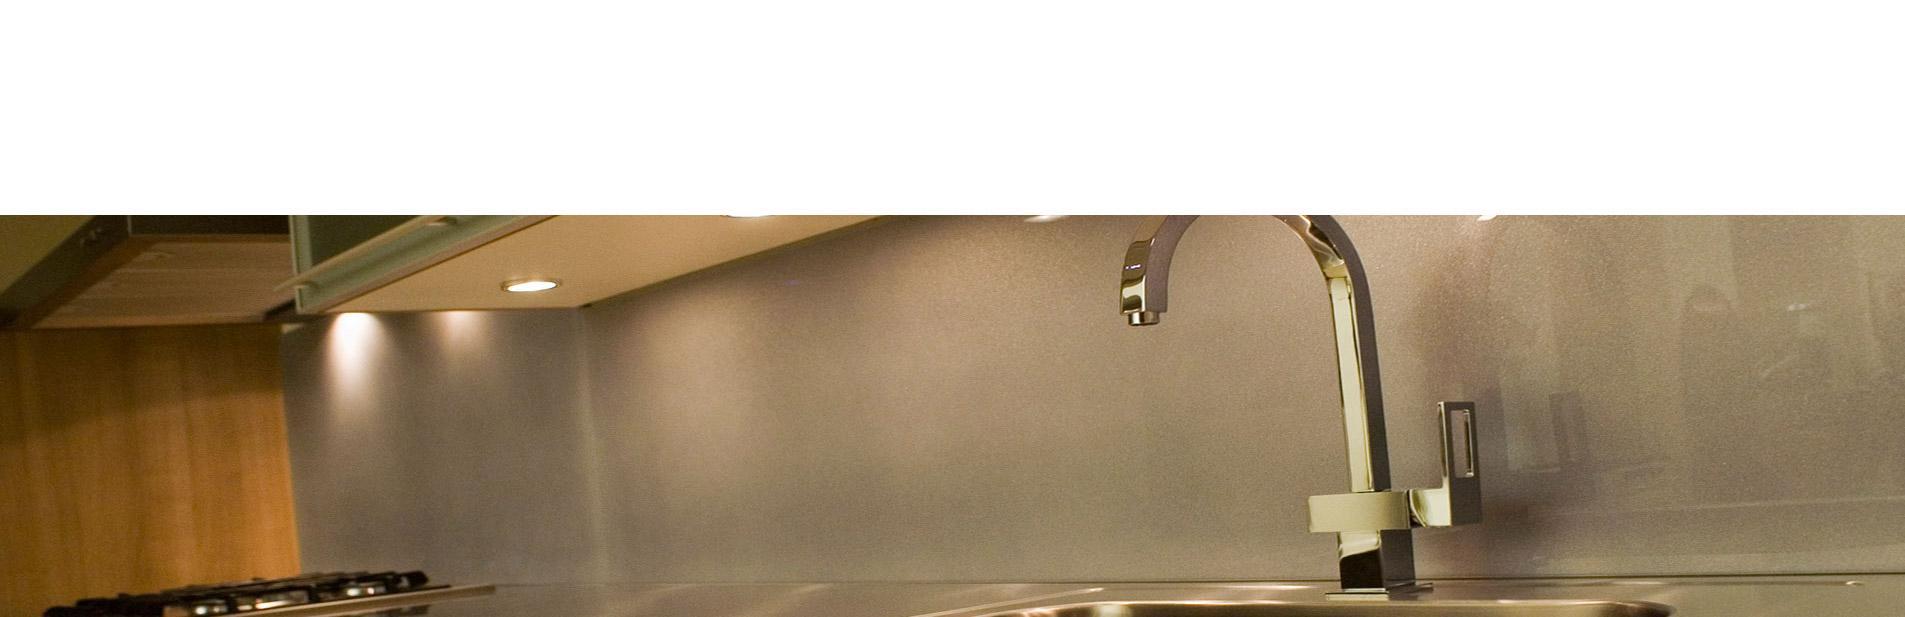 header-achtergrond-keukenachterwand